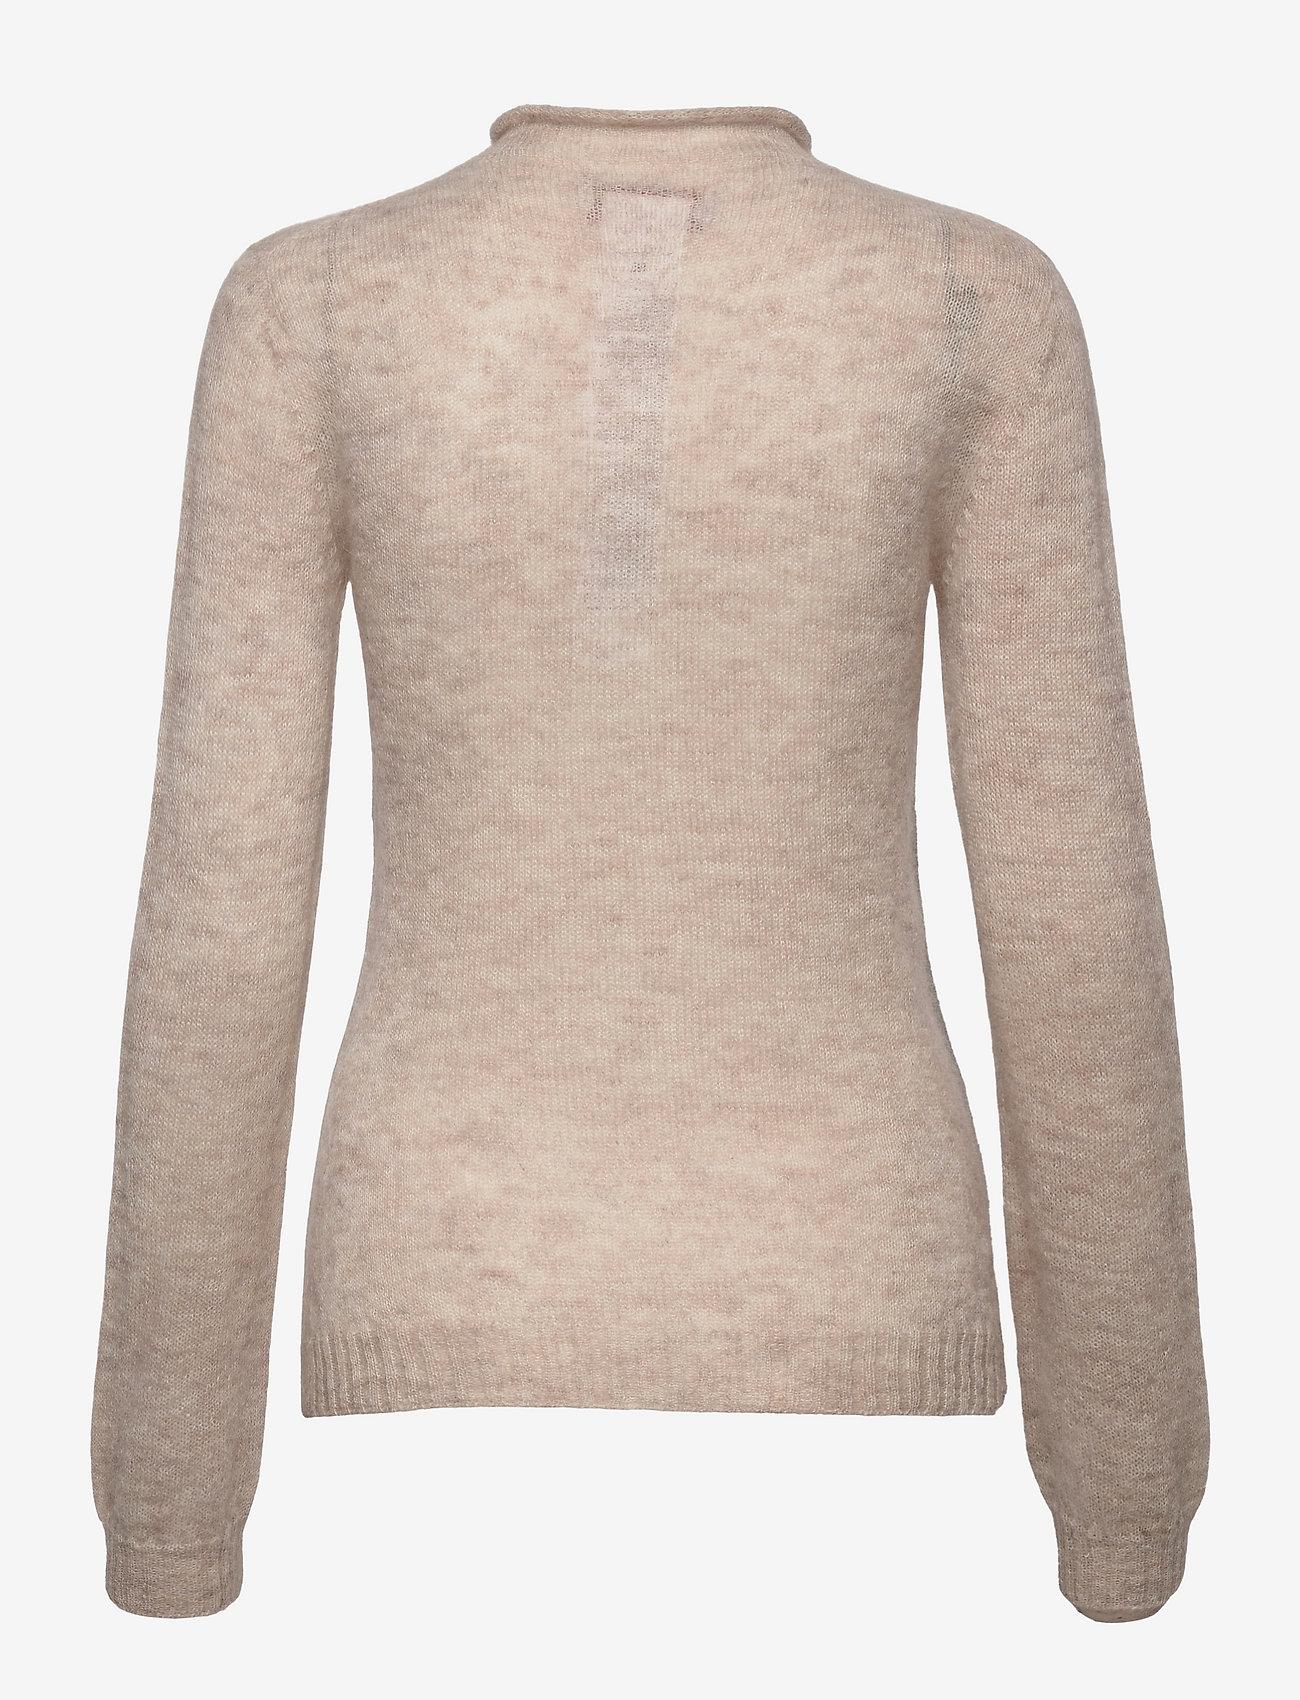 Max Mara Leisure - ODER - sweaters - beige - 1